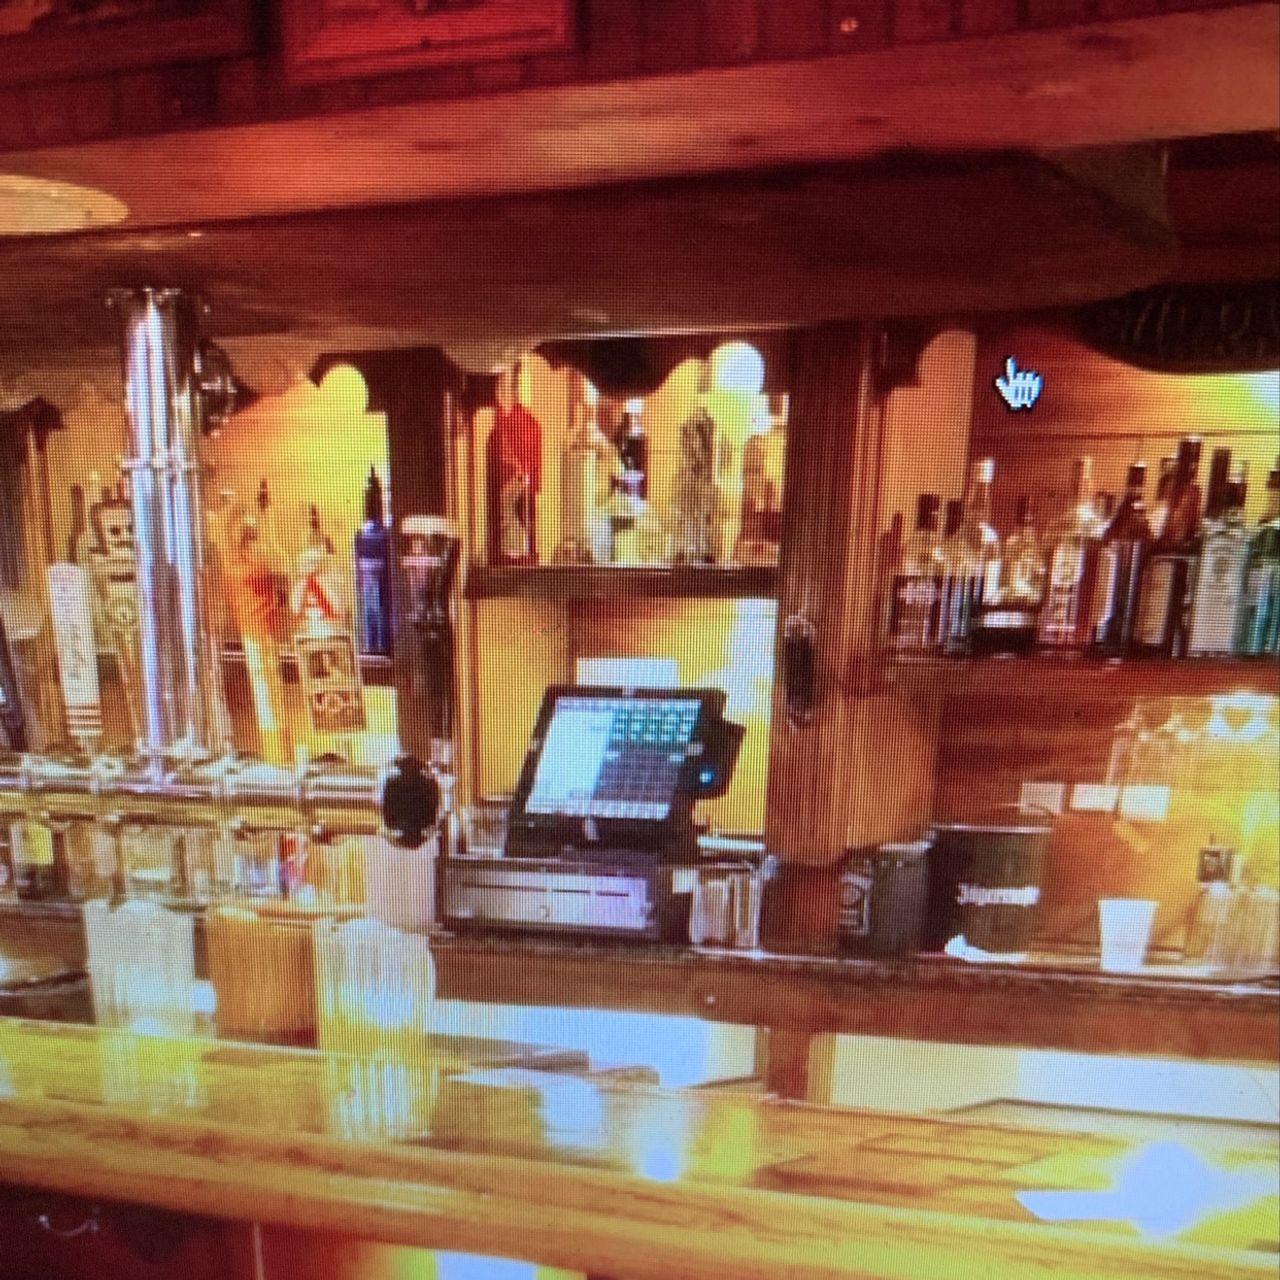 Murray's Saloon & Eatery